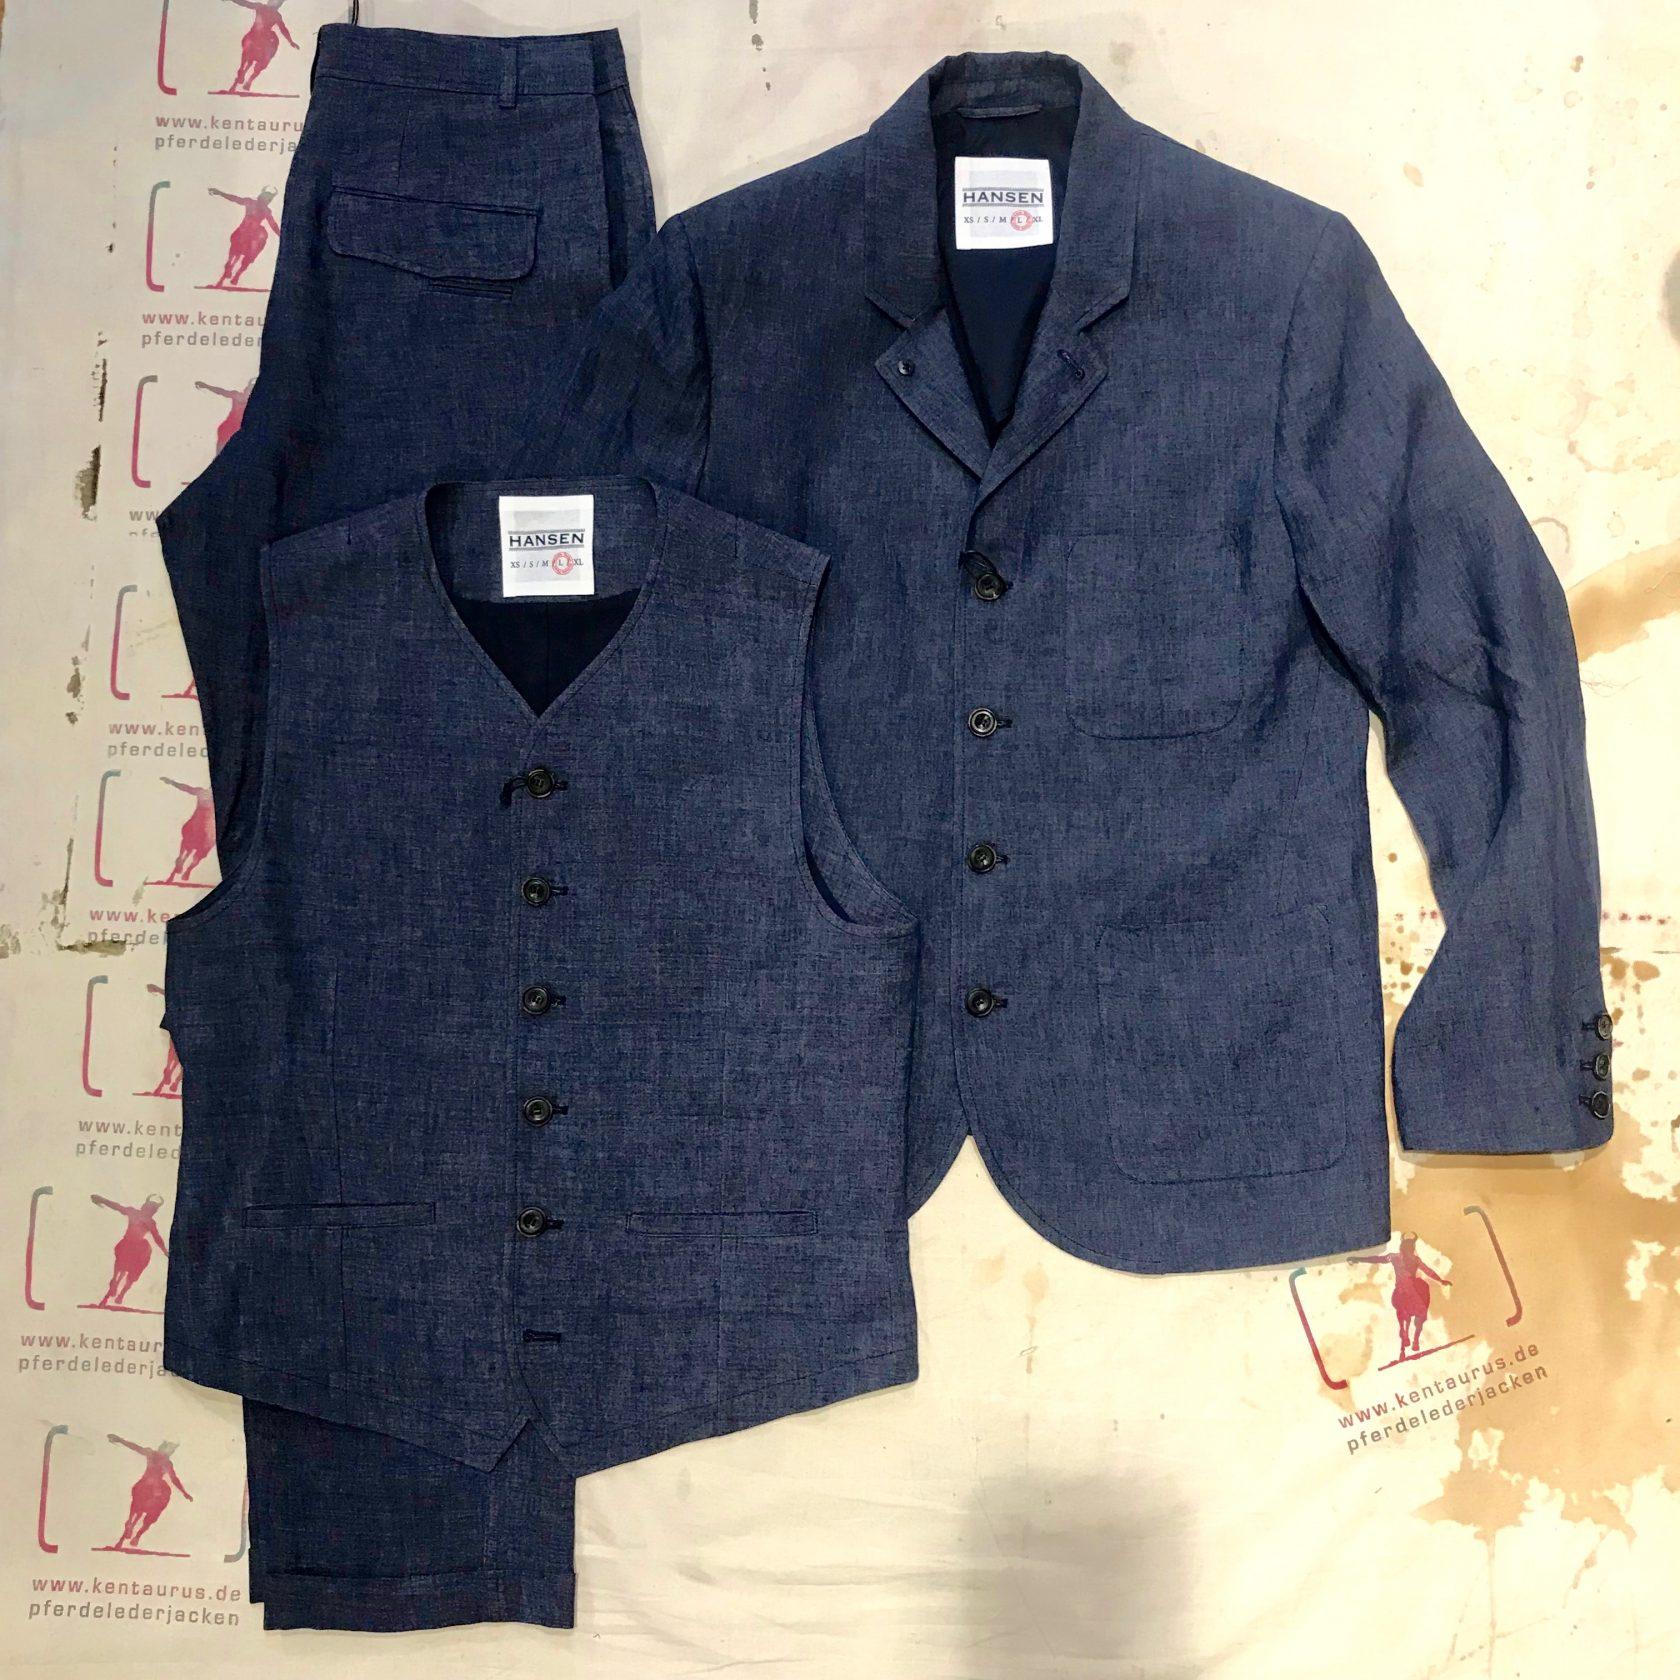 Hansen 3 piece suit blue delave